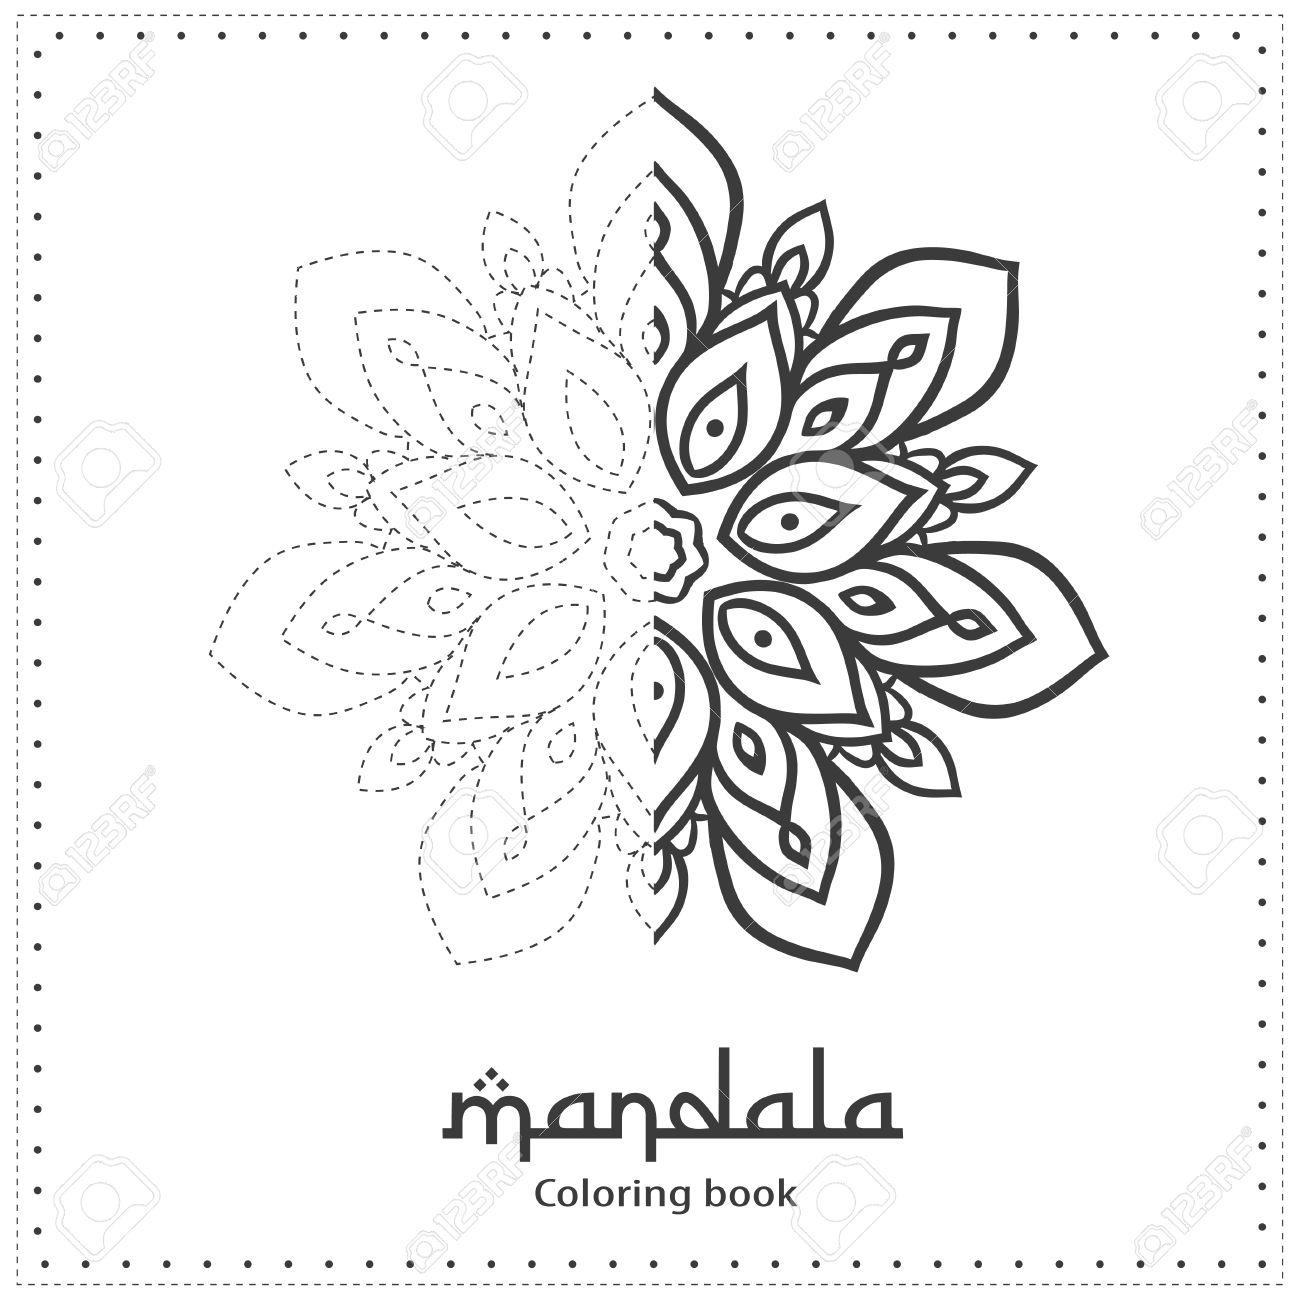 Ornamento Tarjeta Hermosa Con Mandala Páginas Para Colorear Plantilla De Puntos Tarjetas Perfectas Para Cualquier Otro Tipo De Diseño Cumpleaños Y